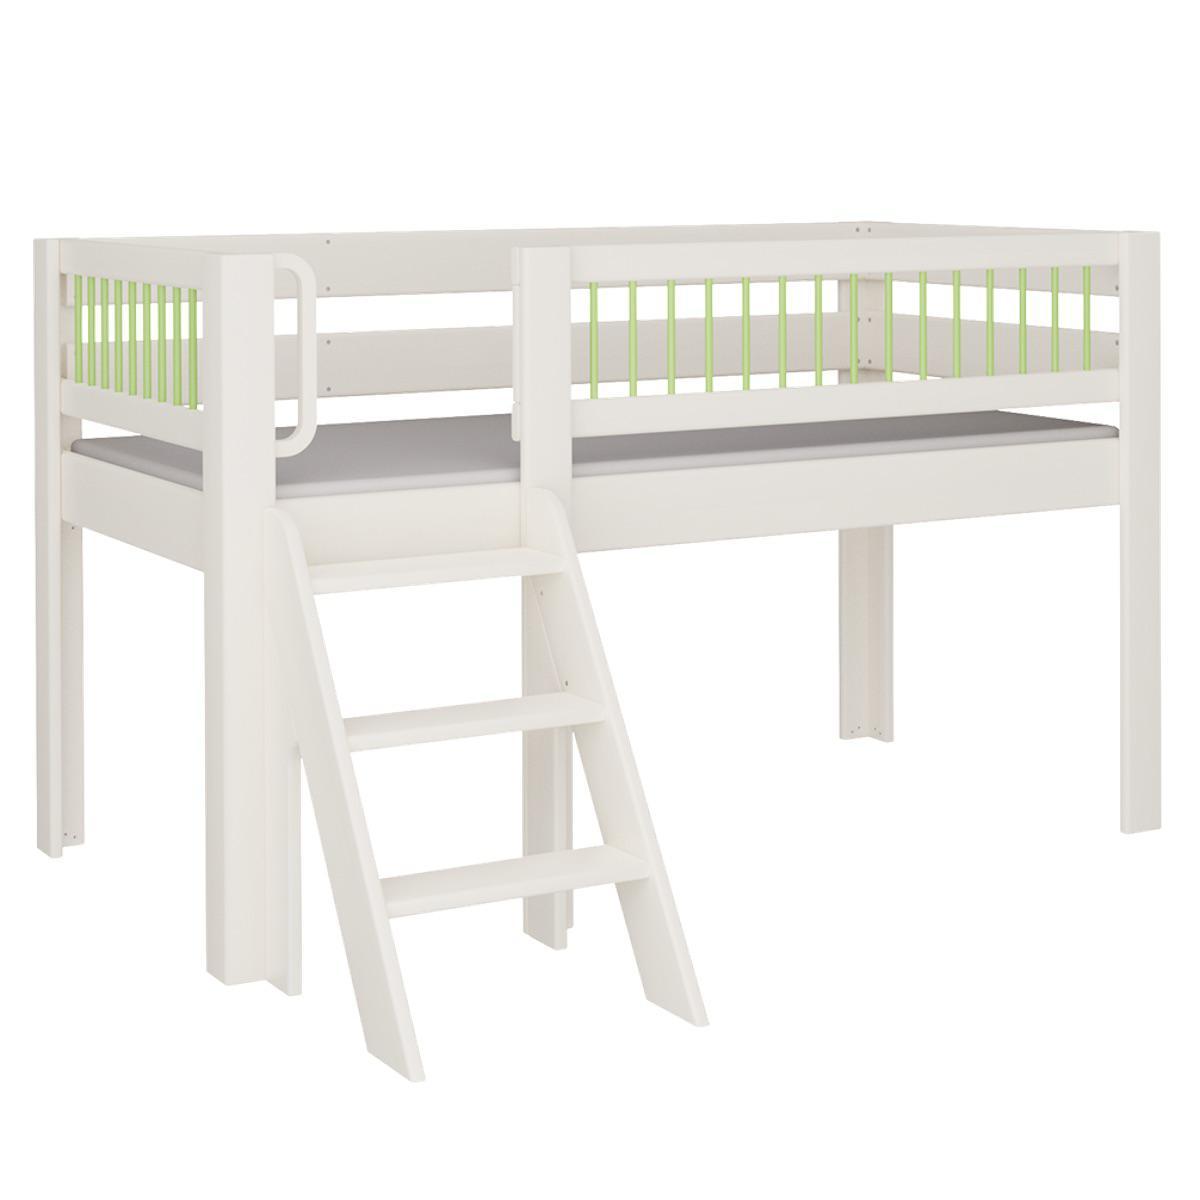 Kubu halbhohes Spielbett mit Treppe DELUXE De Breuyn weiß Rundstäbr grün